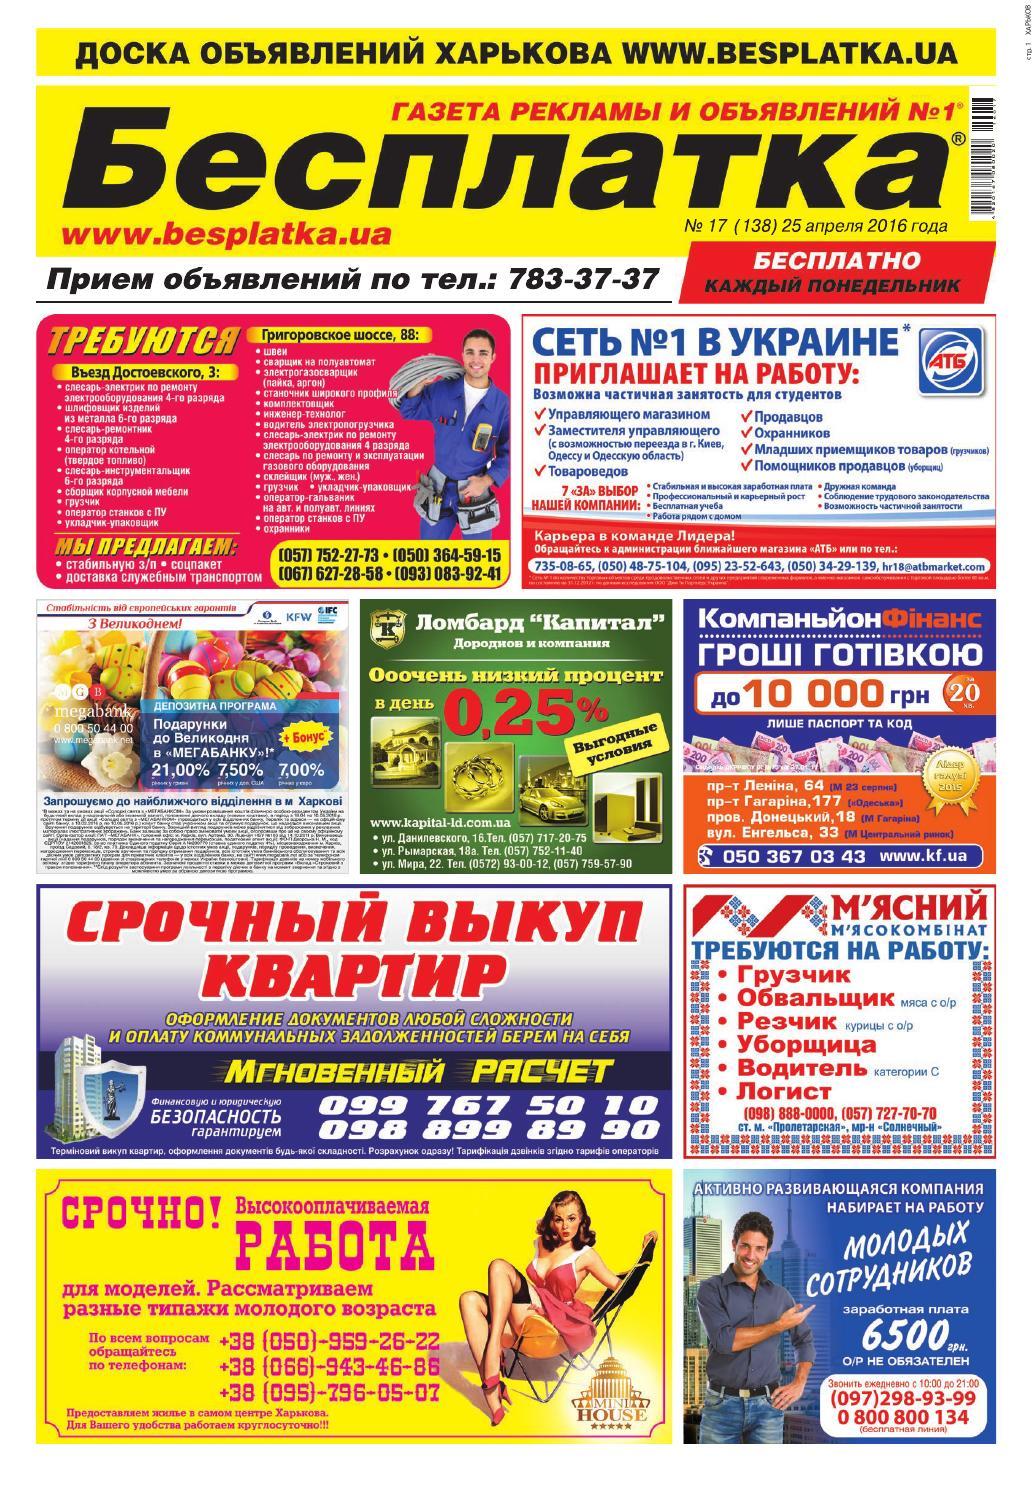 план схема району москалевка харьков